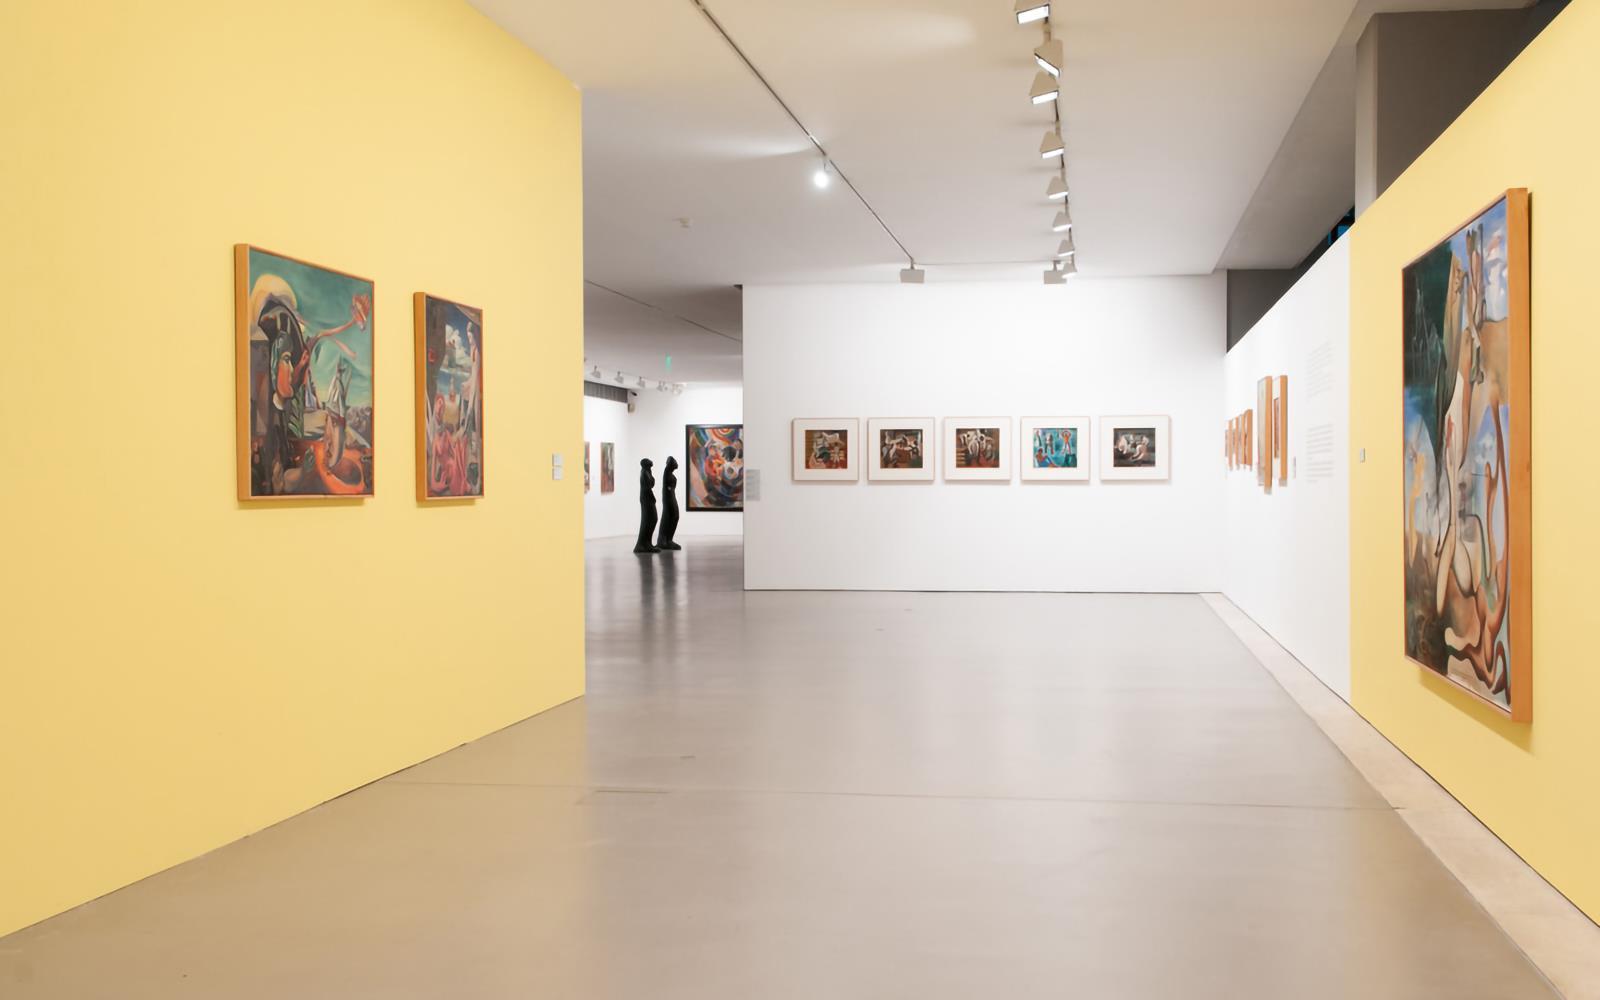 Mostra da Colecção do CAM, 2010 – 2011